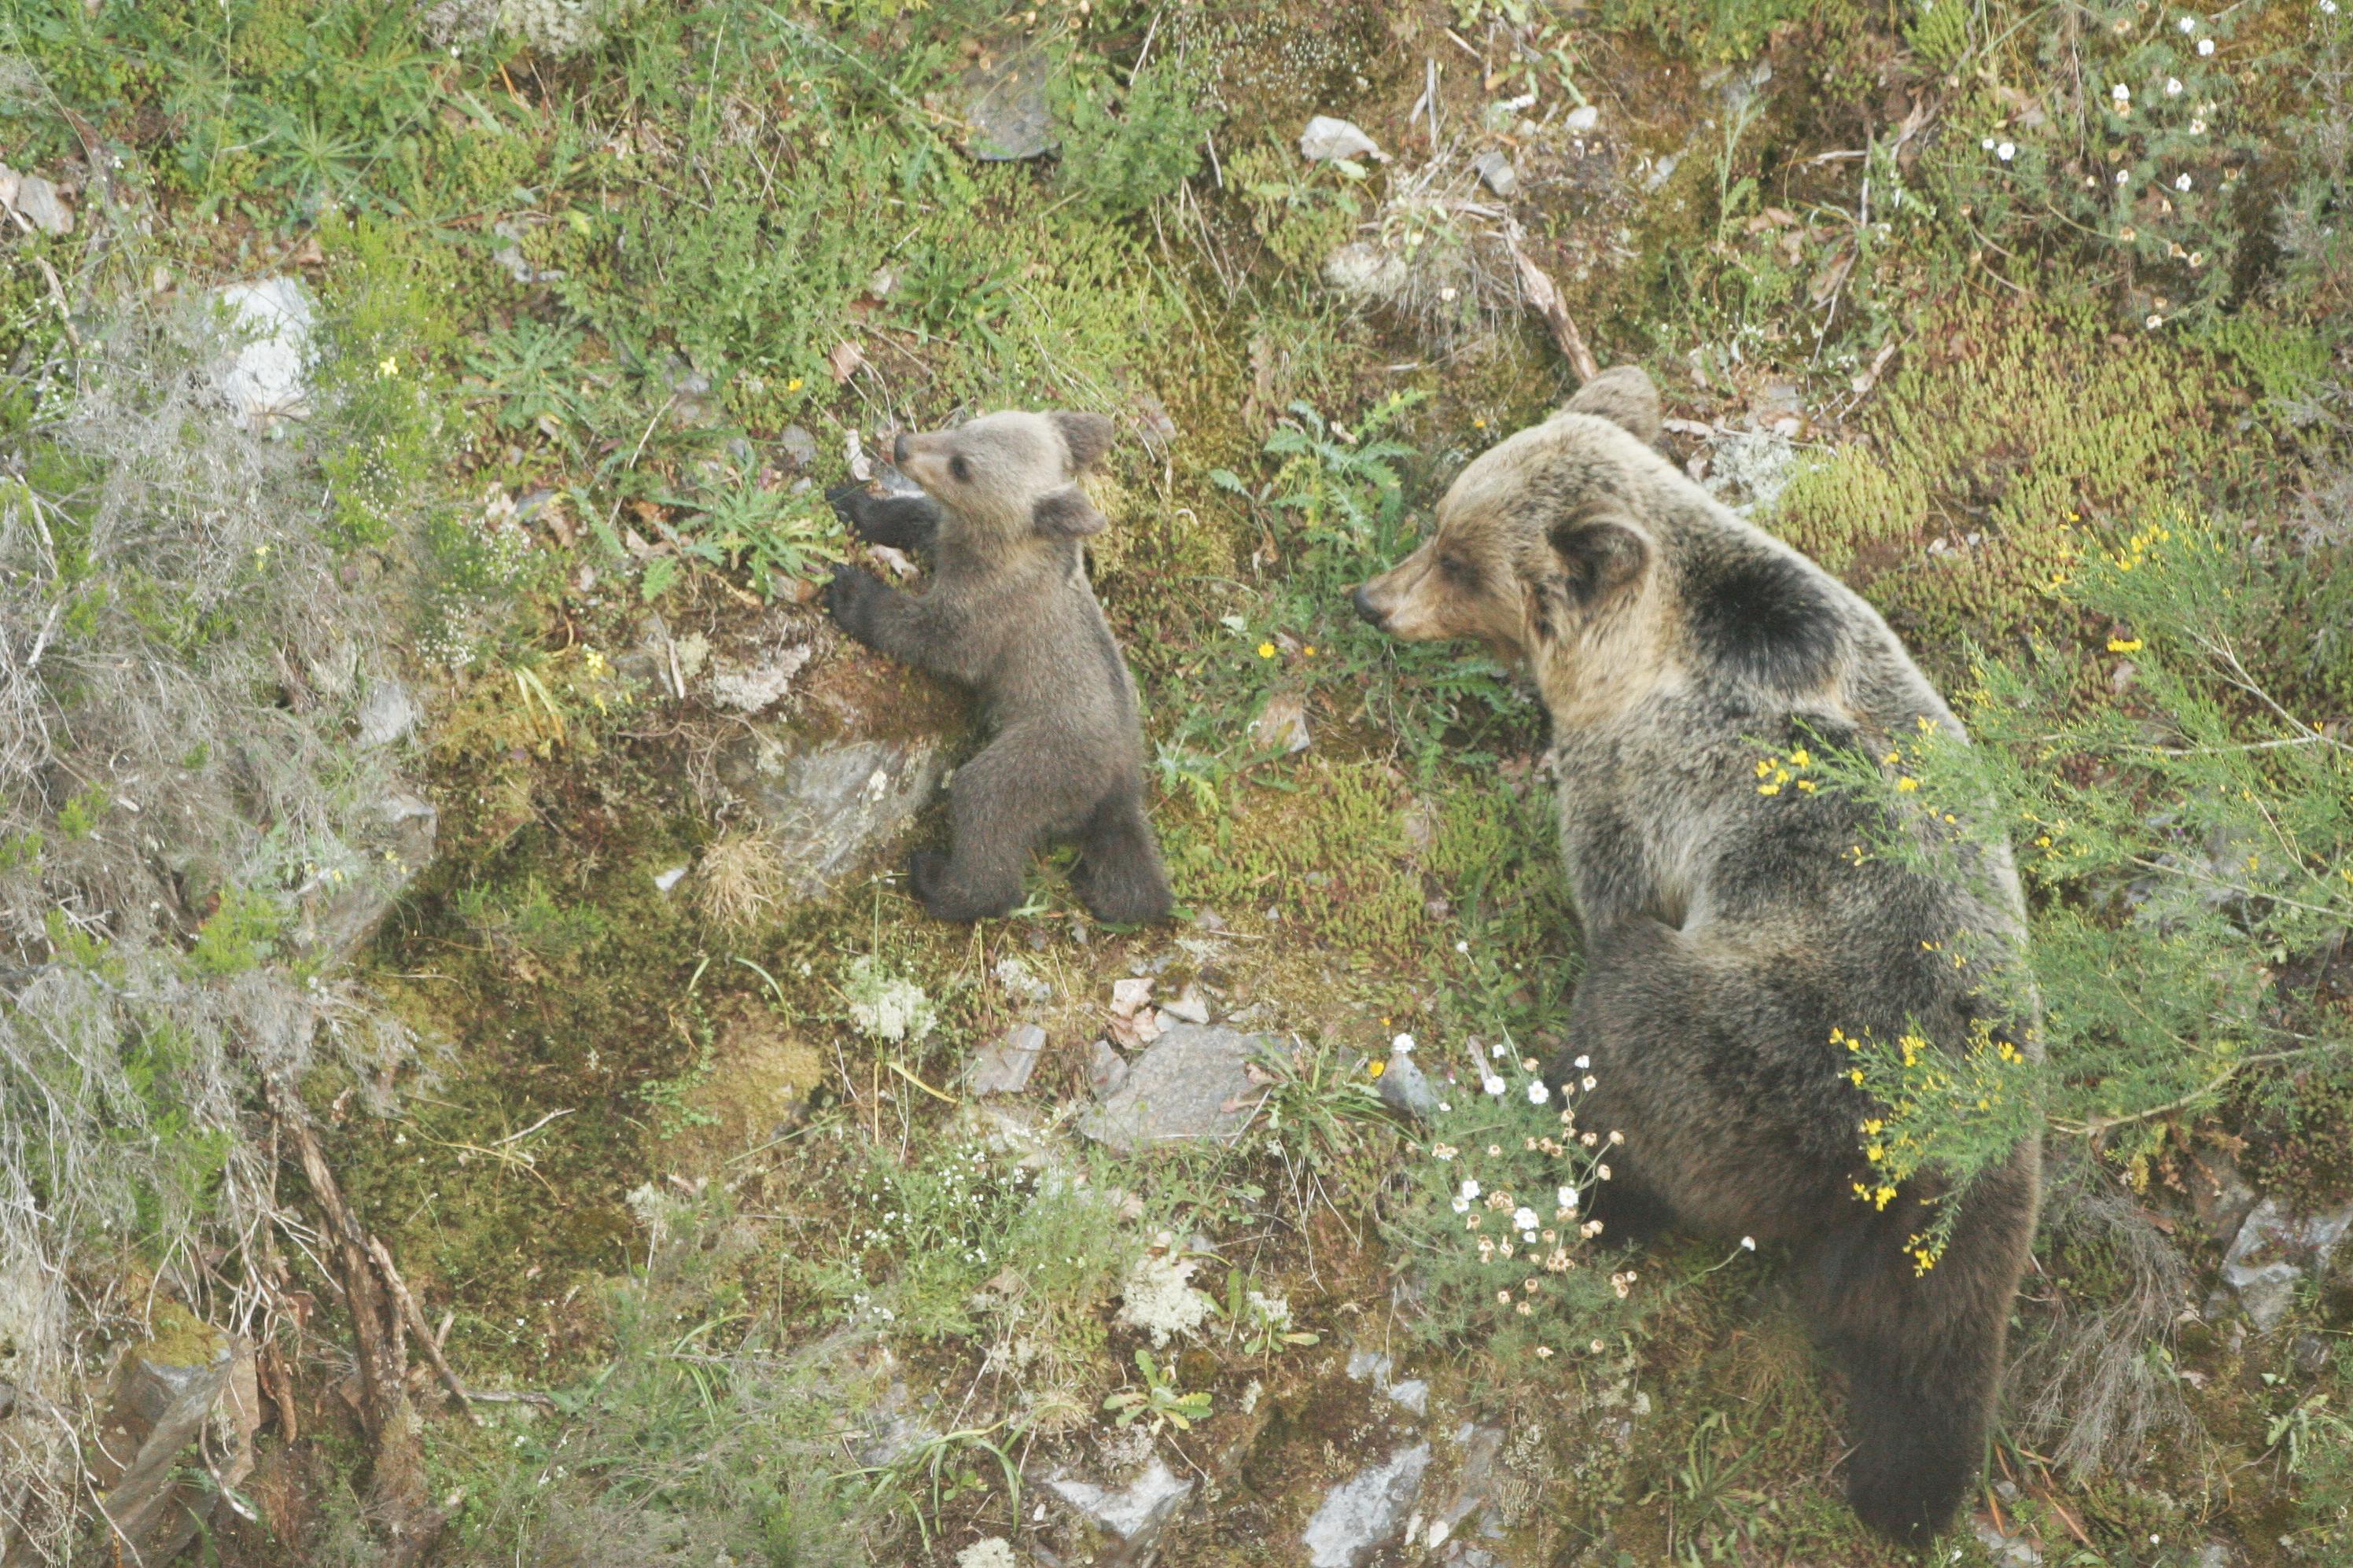 El cambio climático afectará al oso pardo especialmente en su hibernación y su alimentación. Imagen: Miteco